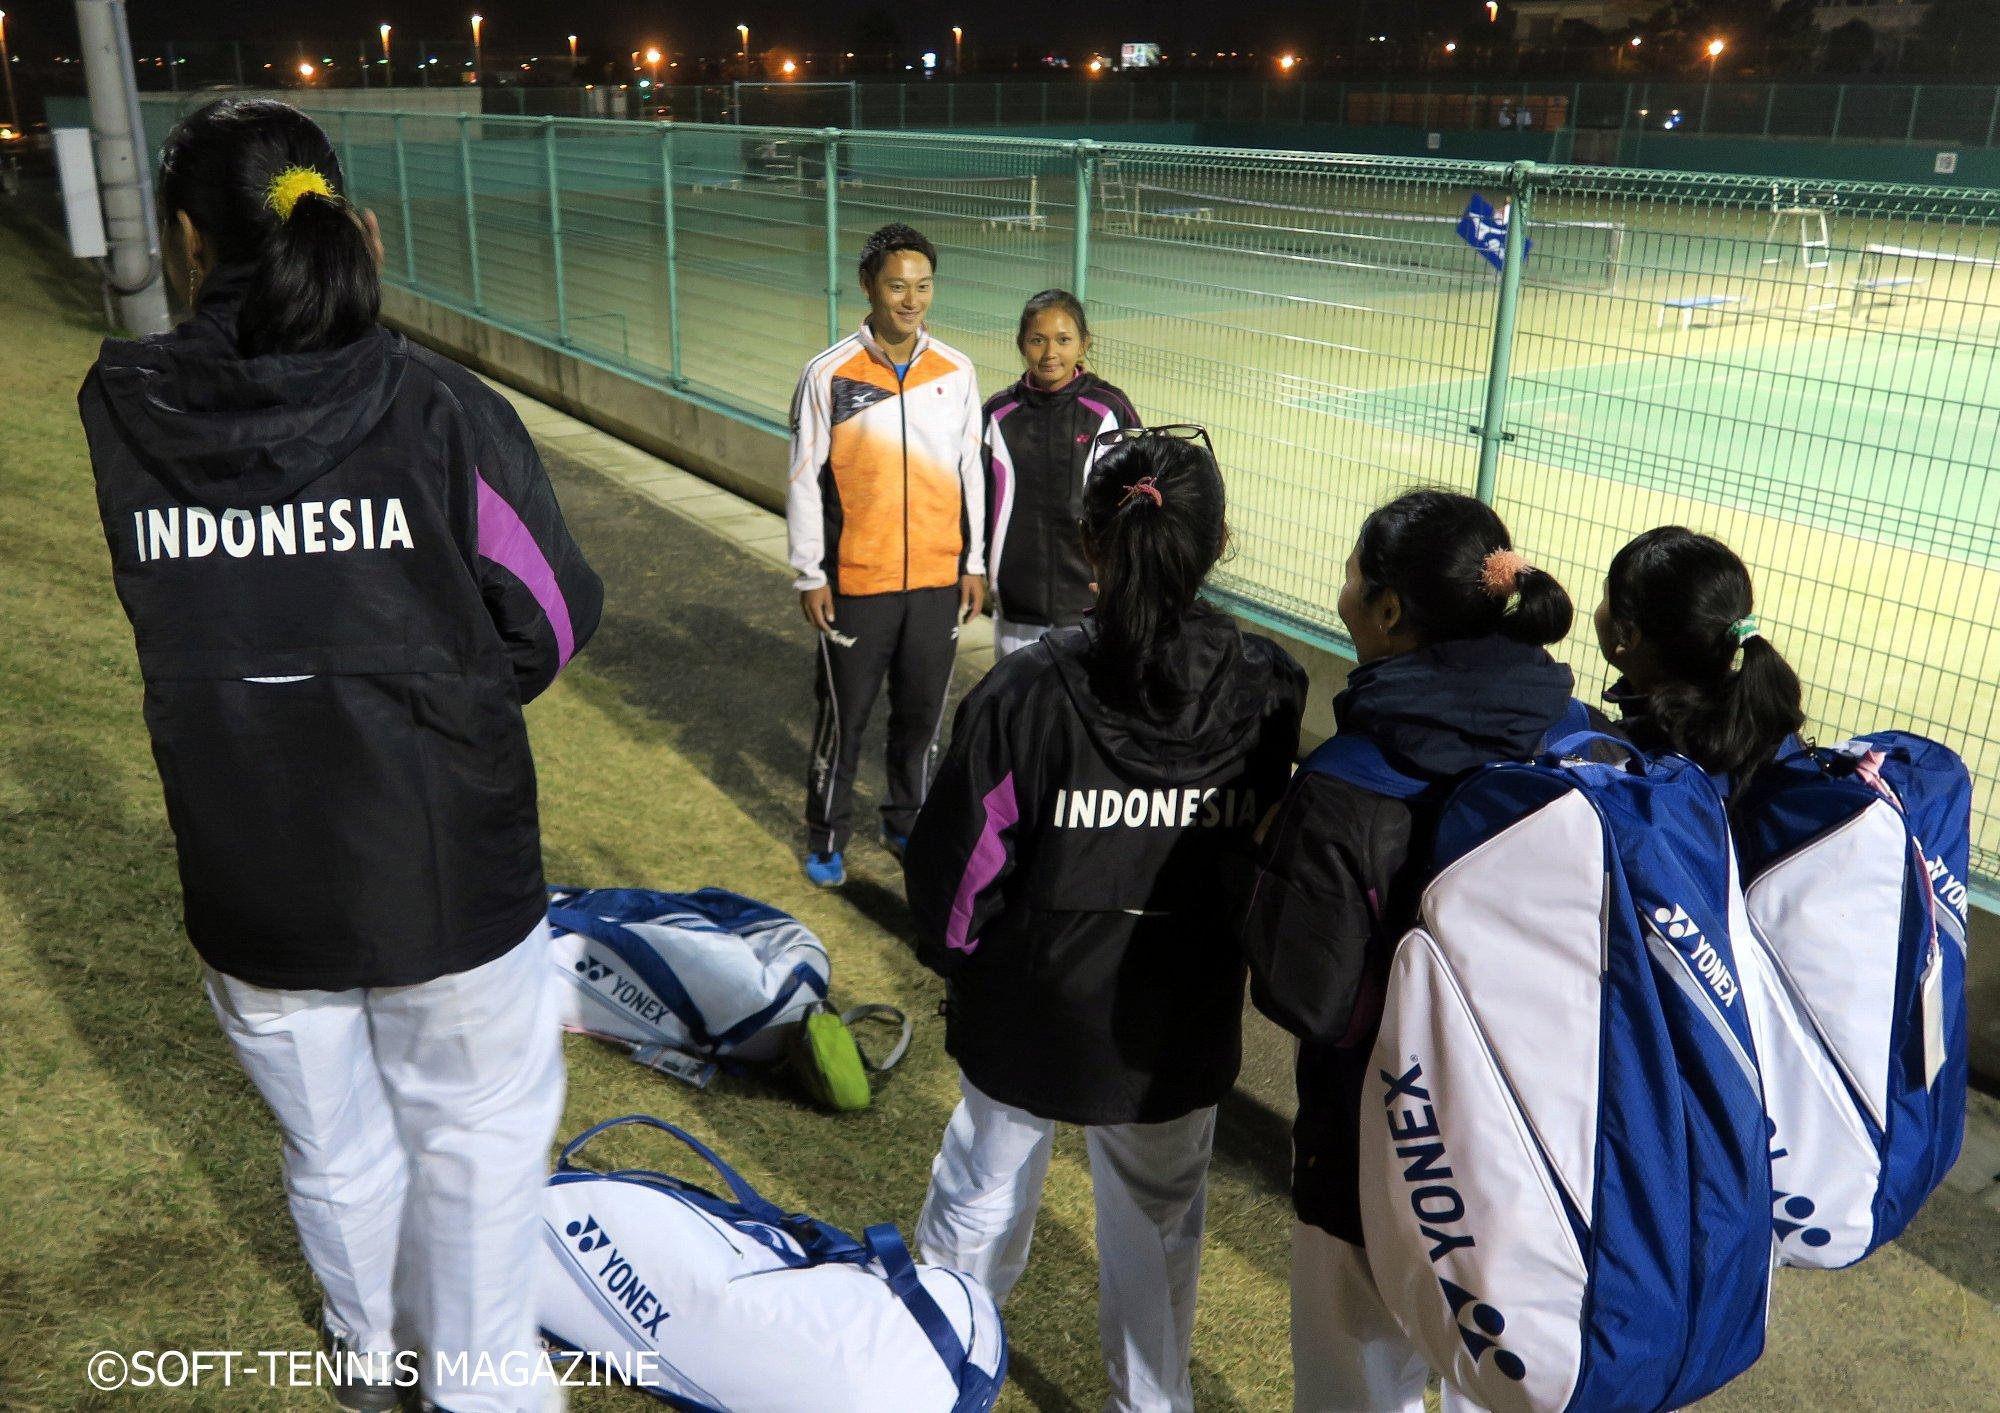 船水兄弟が子供たちに写真をお願いされているそばで実はインドネシアチームもいたのですが、どうやら雄太選手と写真を撮りたかった様子で、移動が近付きコートを後にしようとする雄太選手に写真をお願いしていました